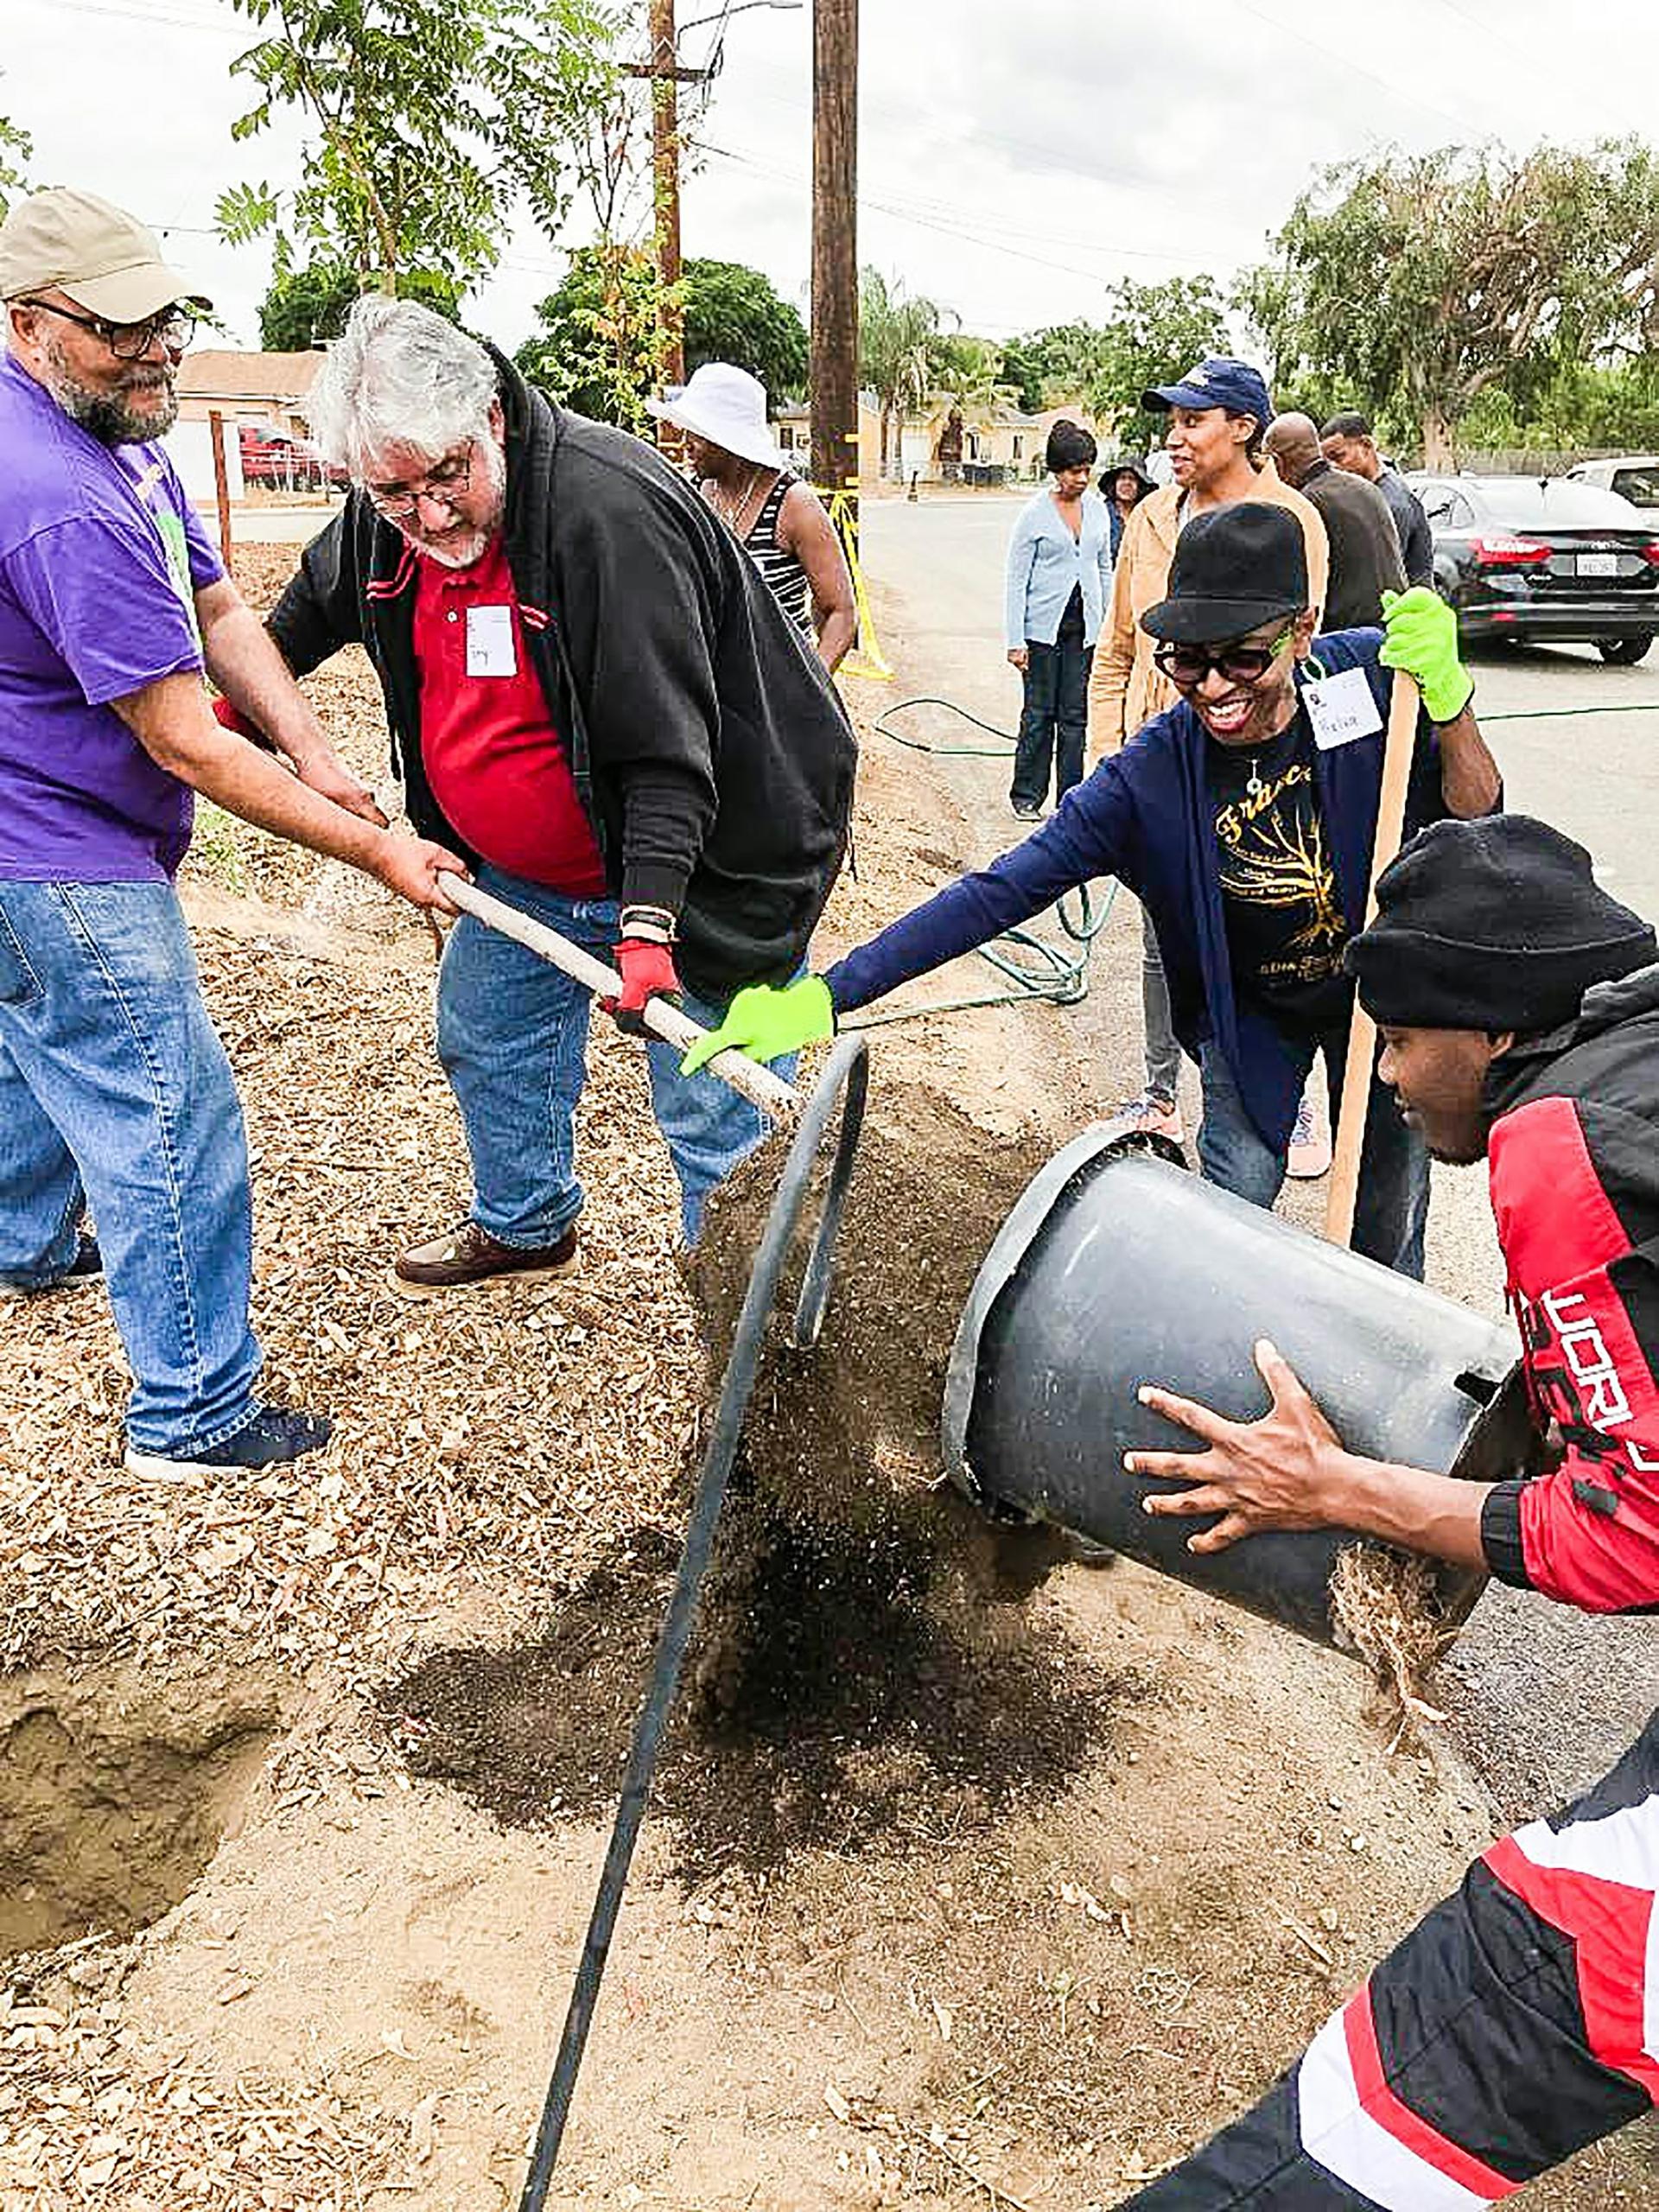 SistersWe volunteers plant a tree at Muscoy Community Garden in San Bernardino.